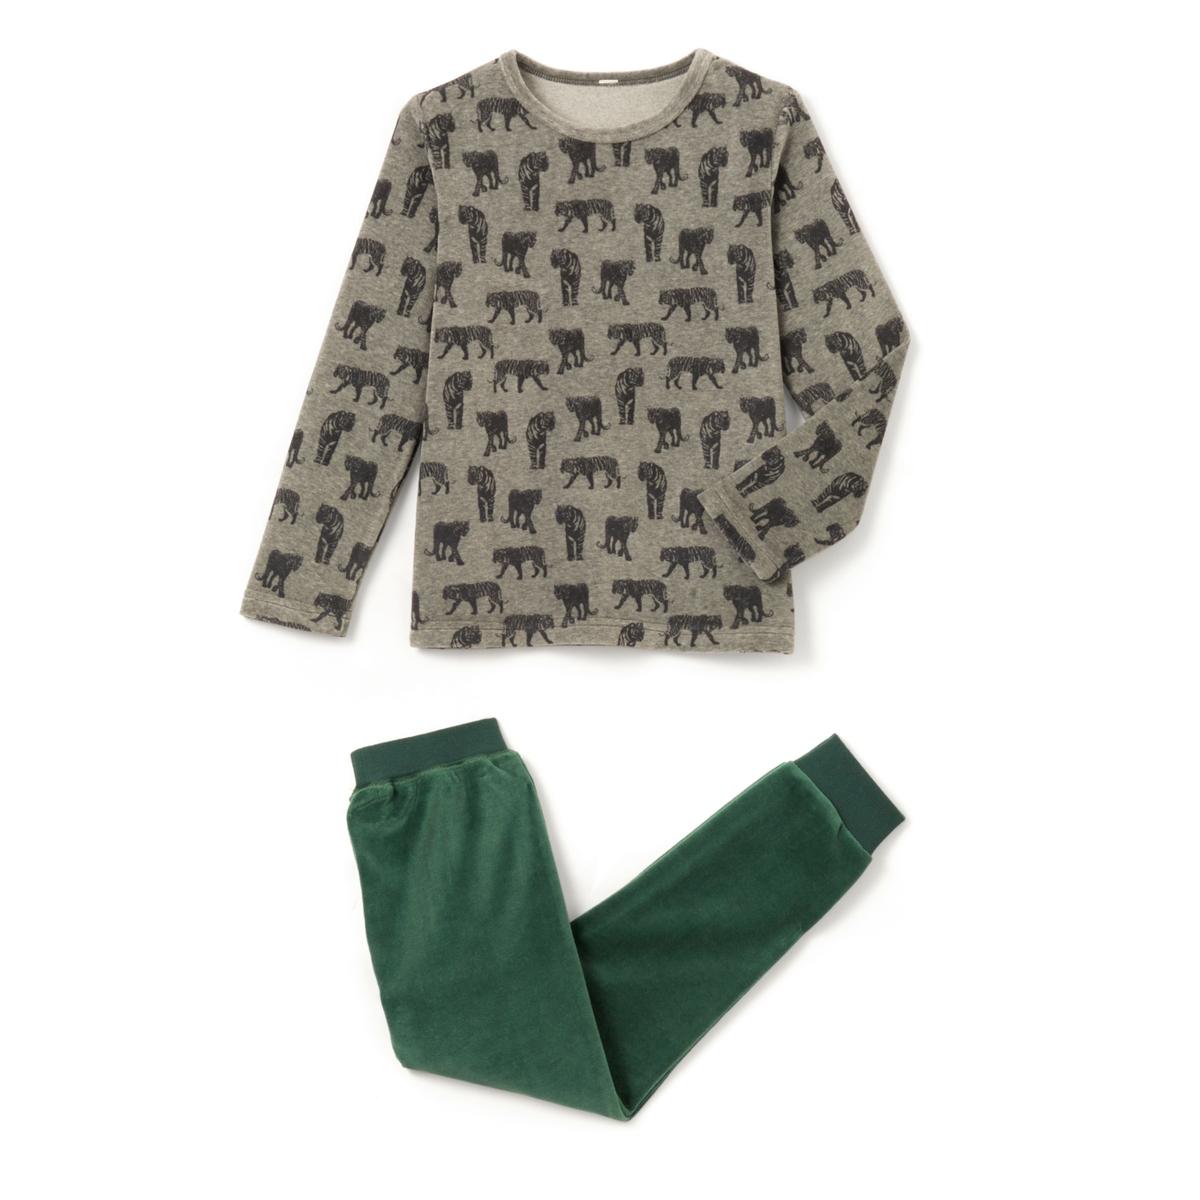 Пижама из велюра с принтом тигры 2-12 лет